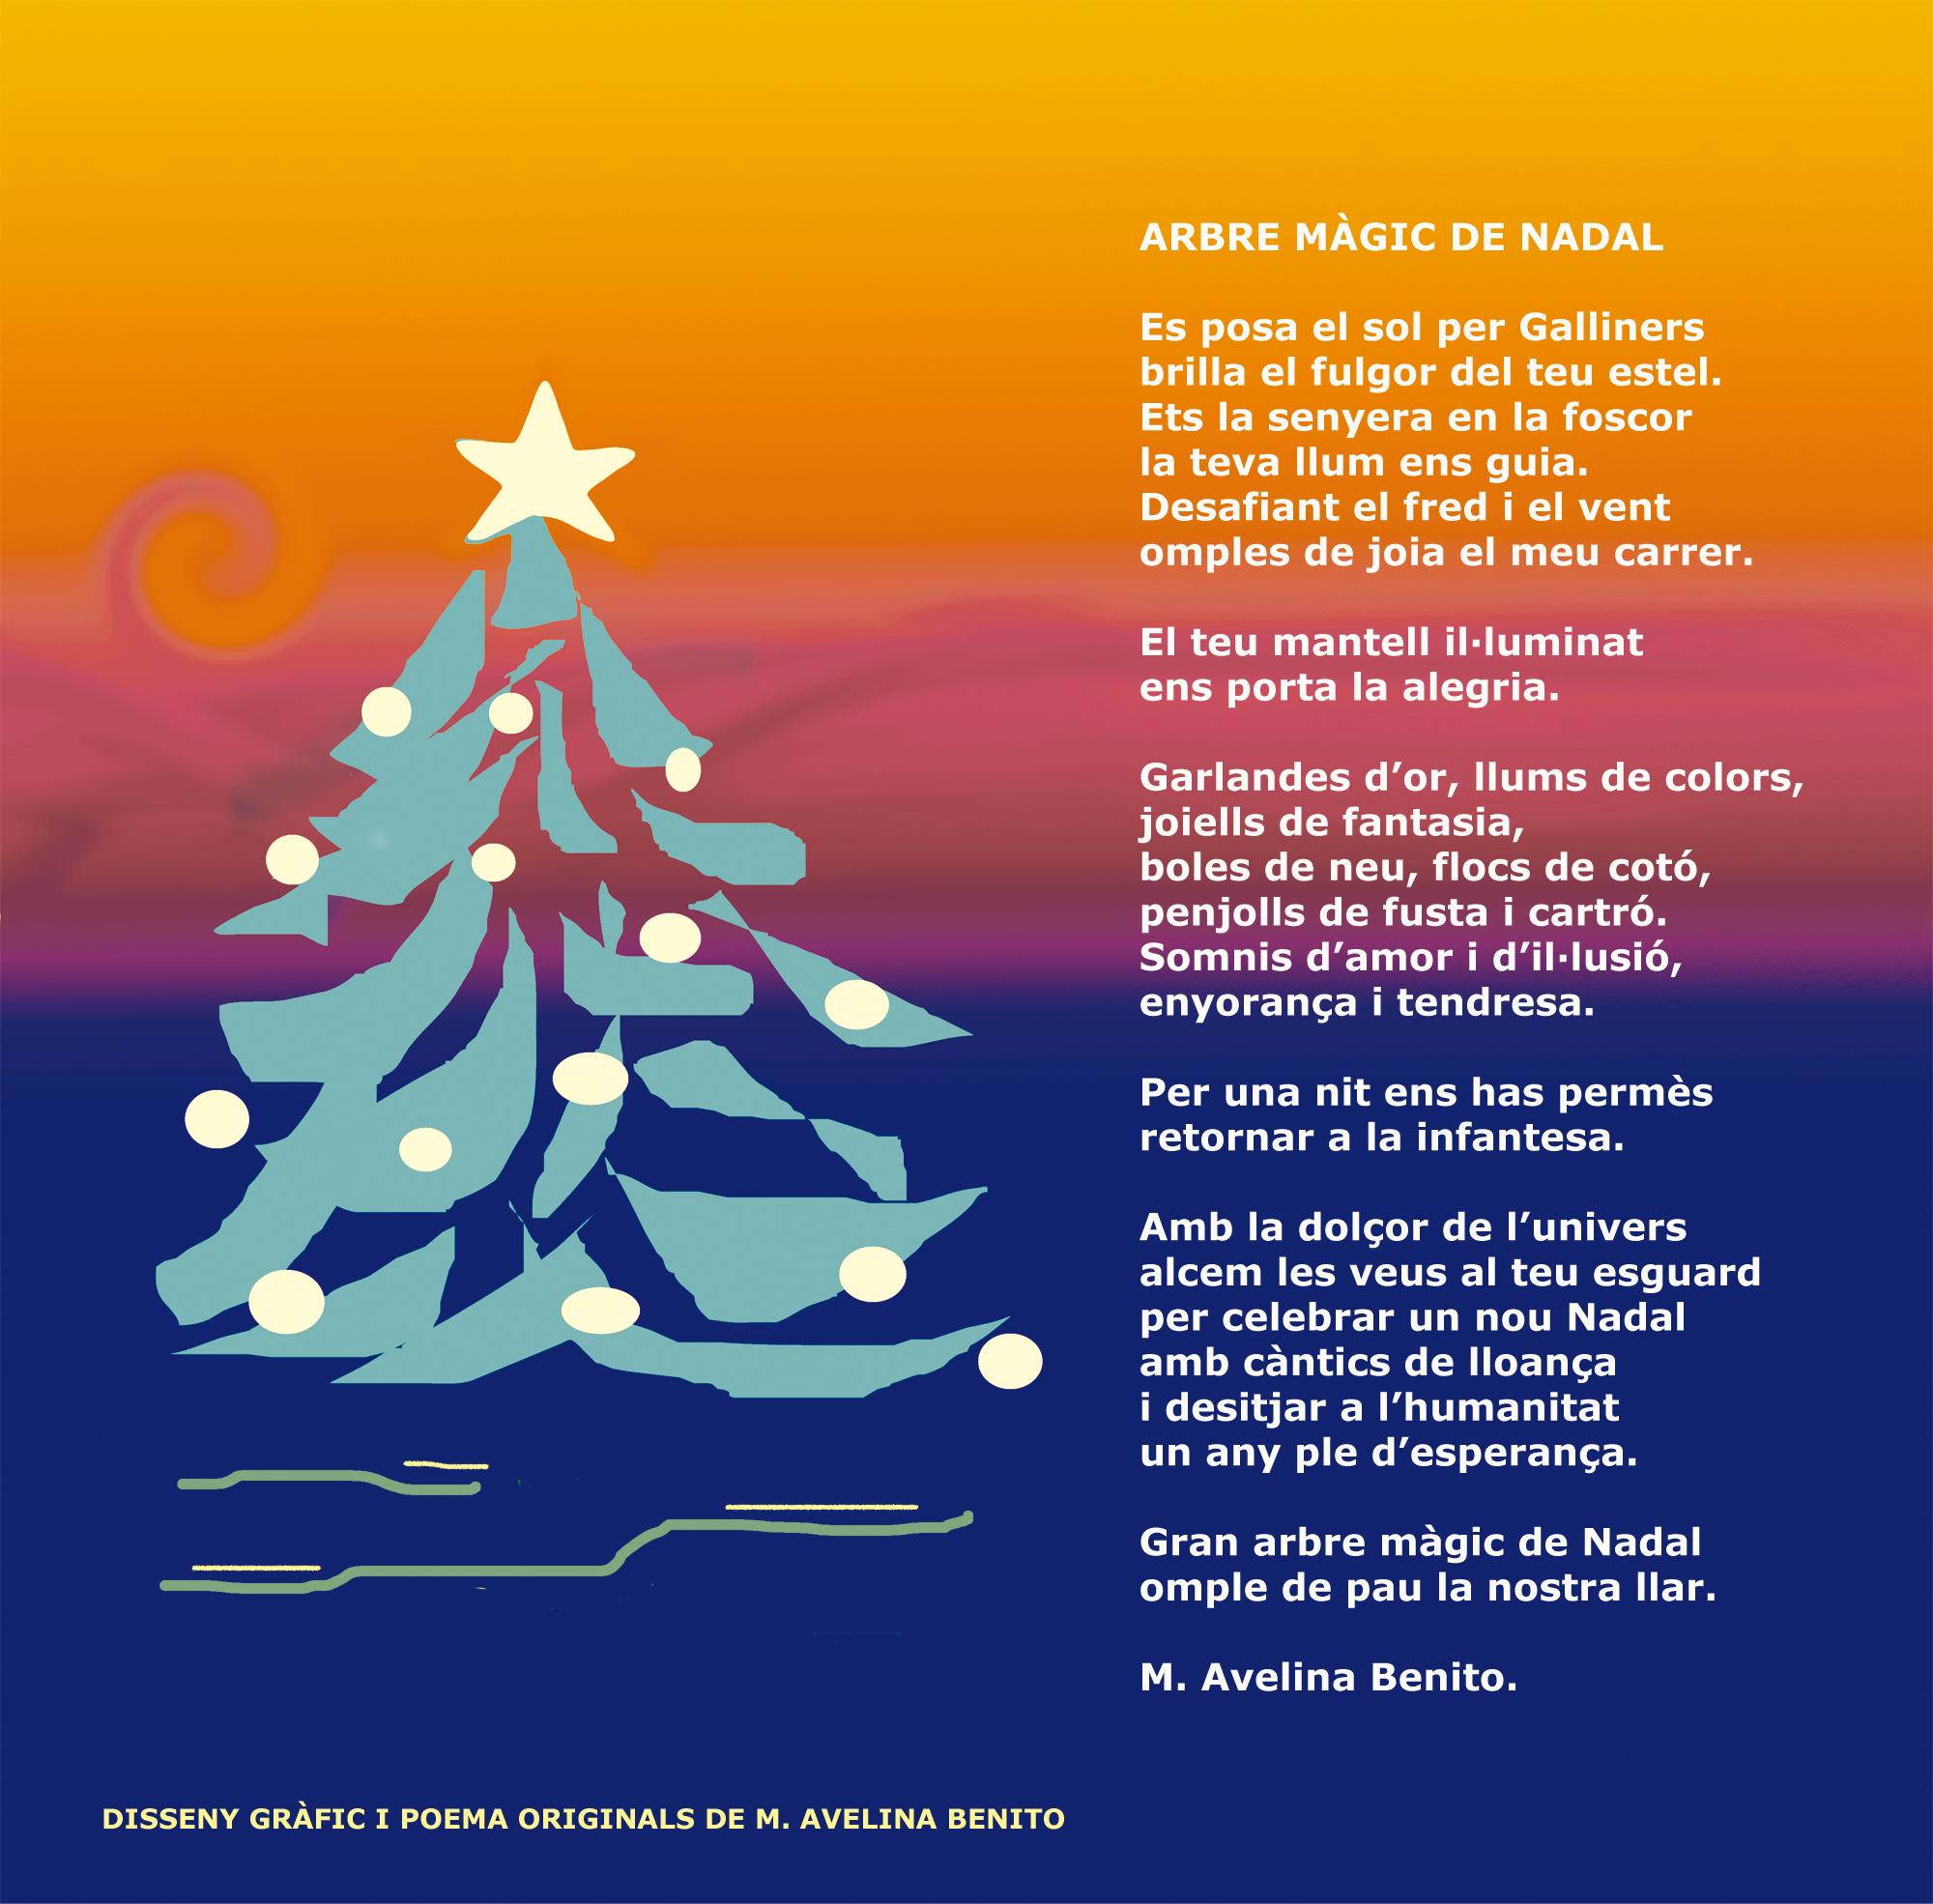 arbre-magic-de-nadal-2016-copia